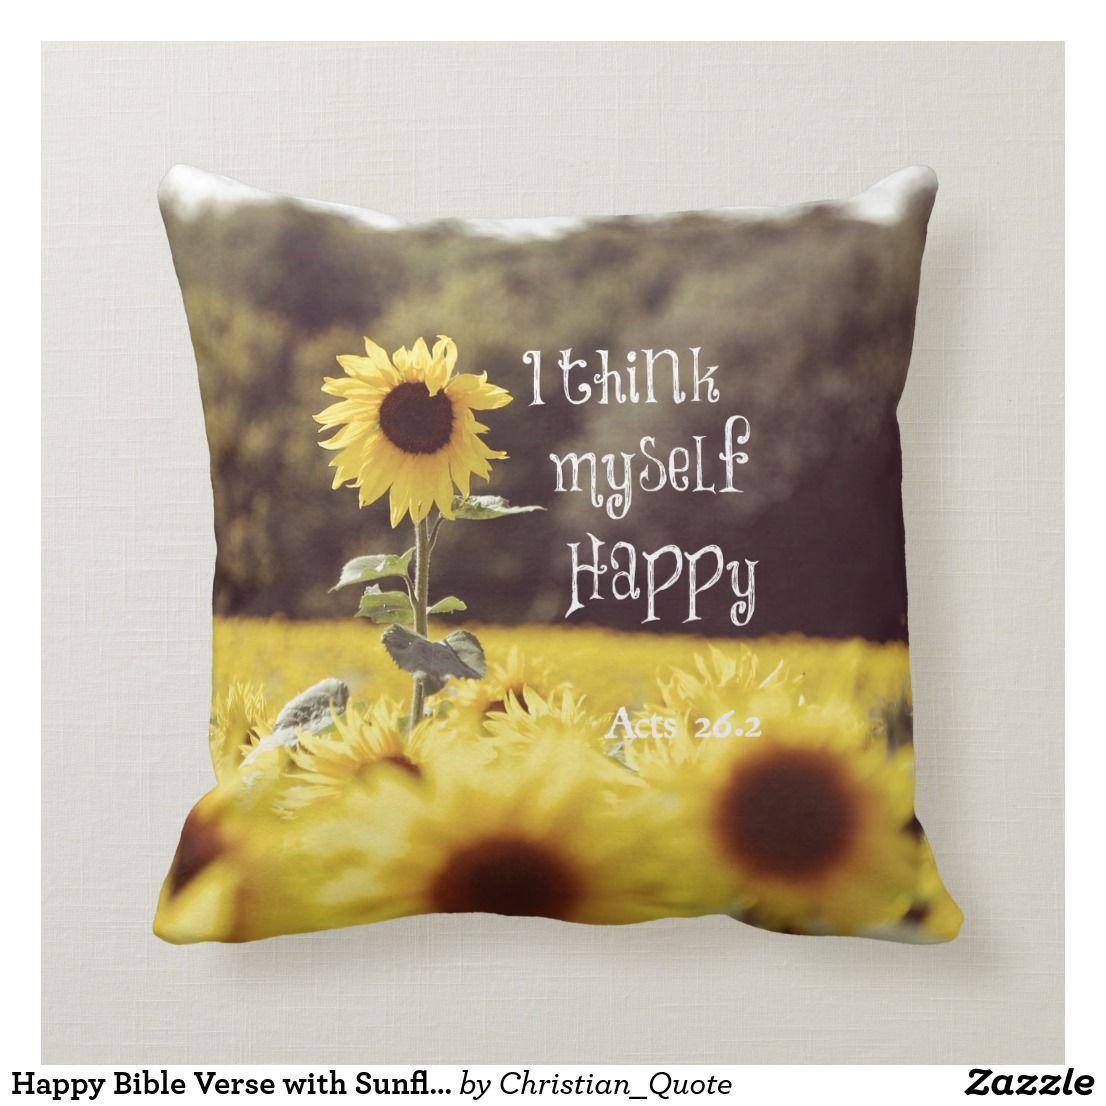 Pin on Bible Verse Pillows